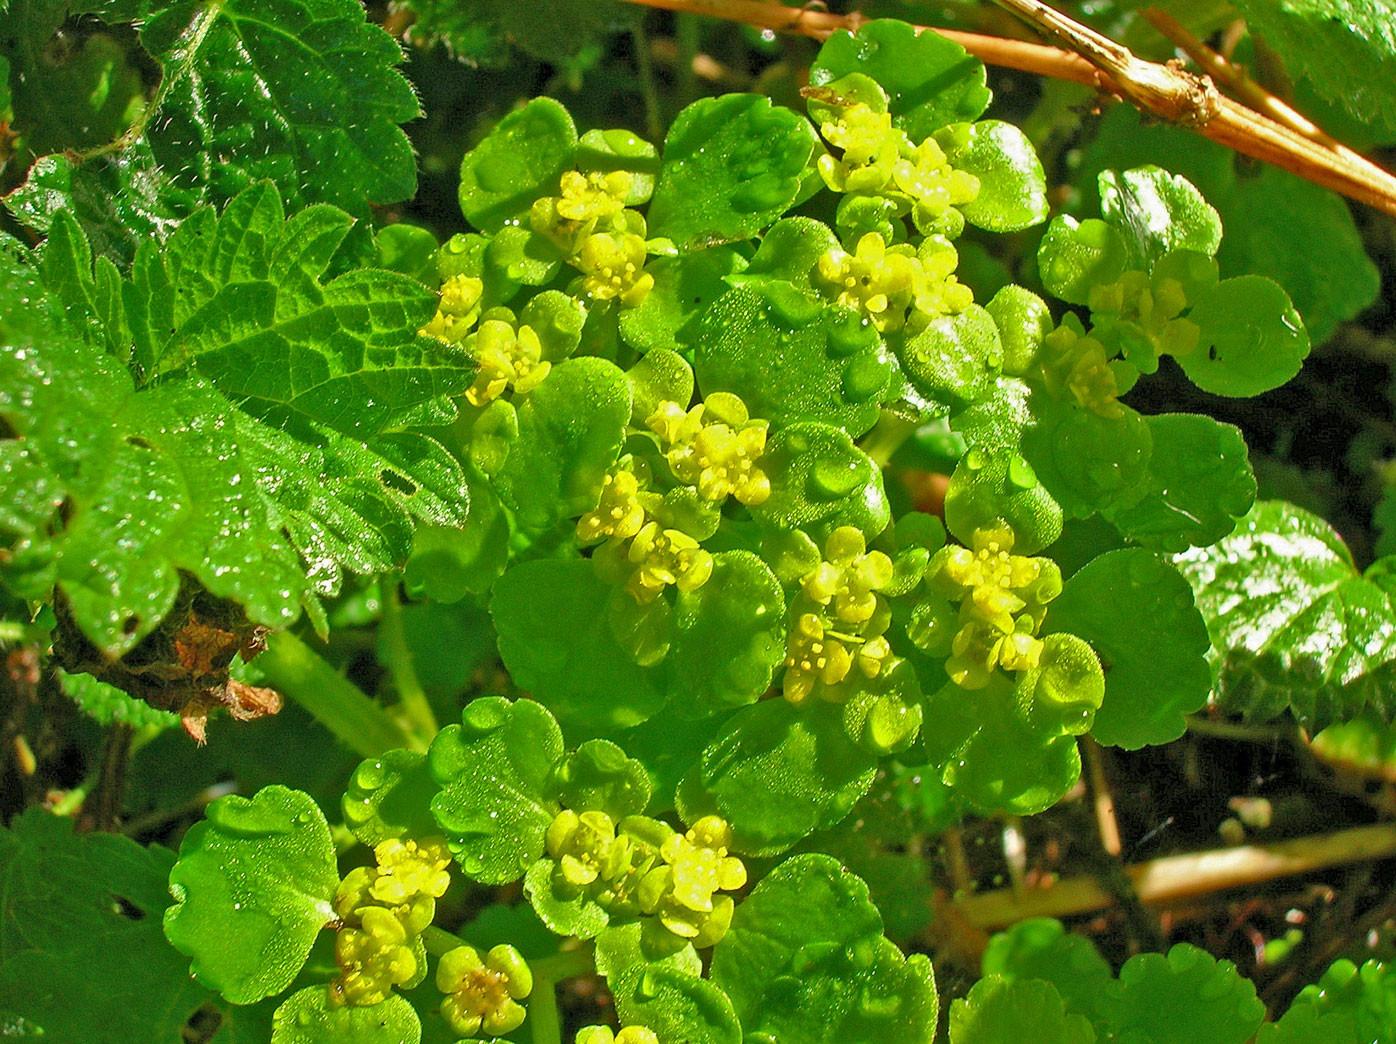 Wechselblättriges Milzkraut (Chrysosplenium alternifolium) | STEINBRECHGEWÄCHSE (Saxifragaceae)